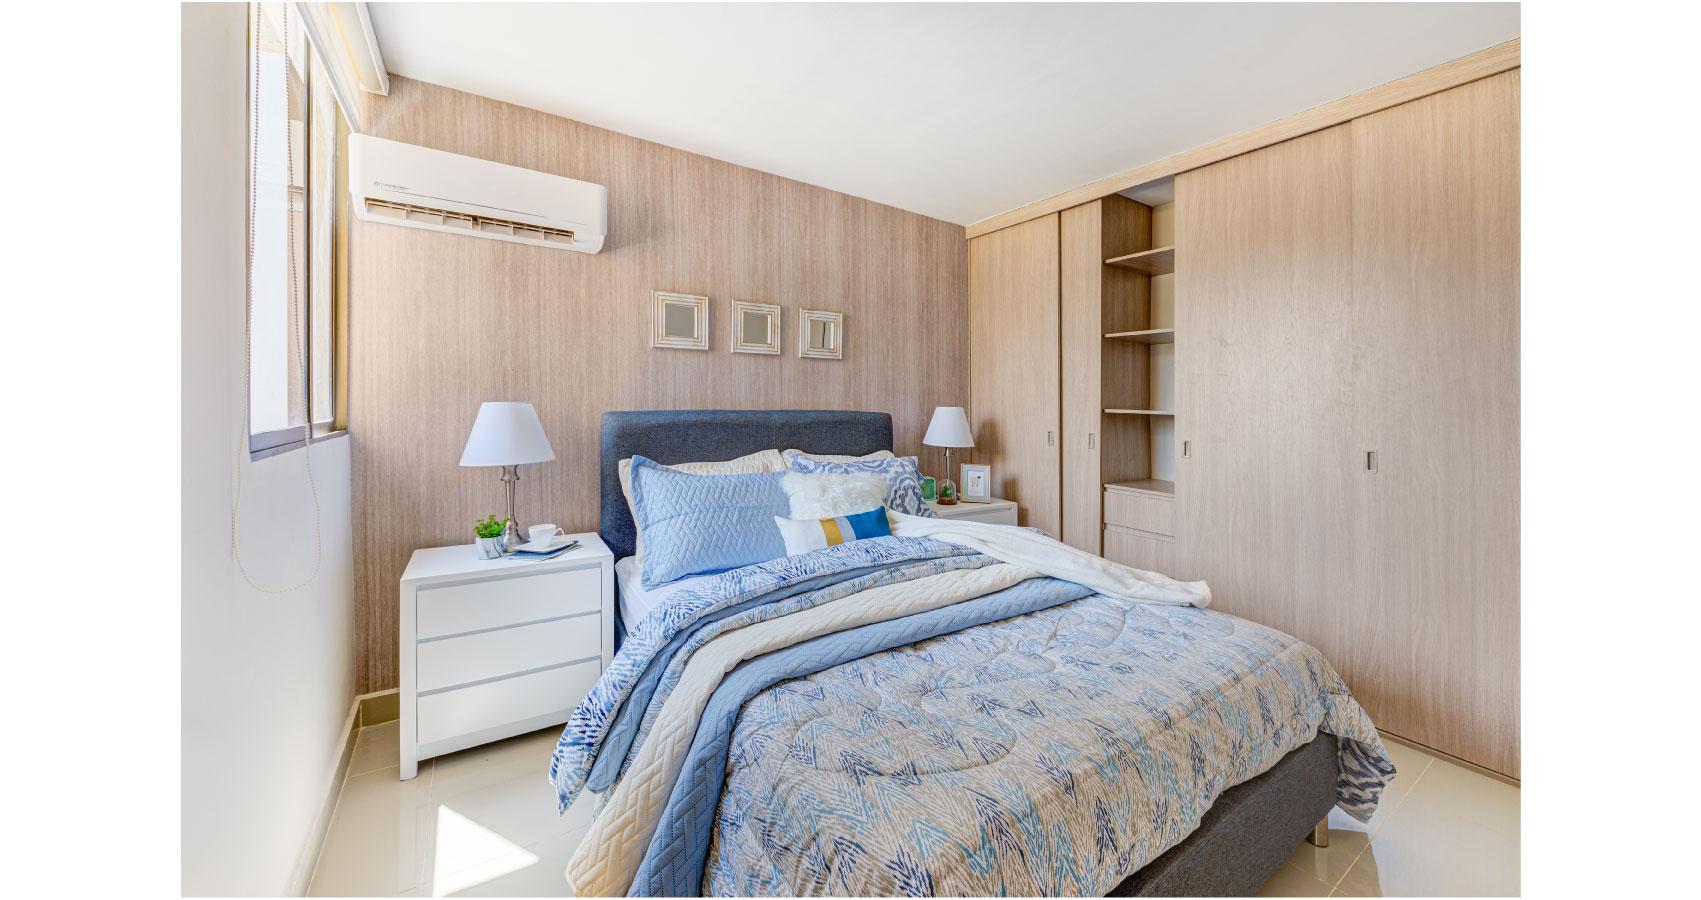 Puerto Campana proyecto de vivienda en soledad con subsidio de vivienda